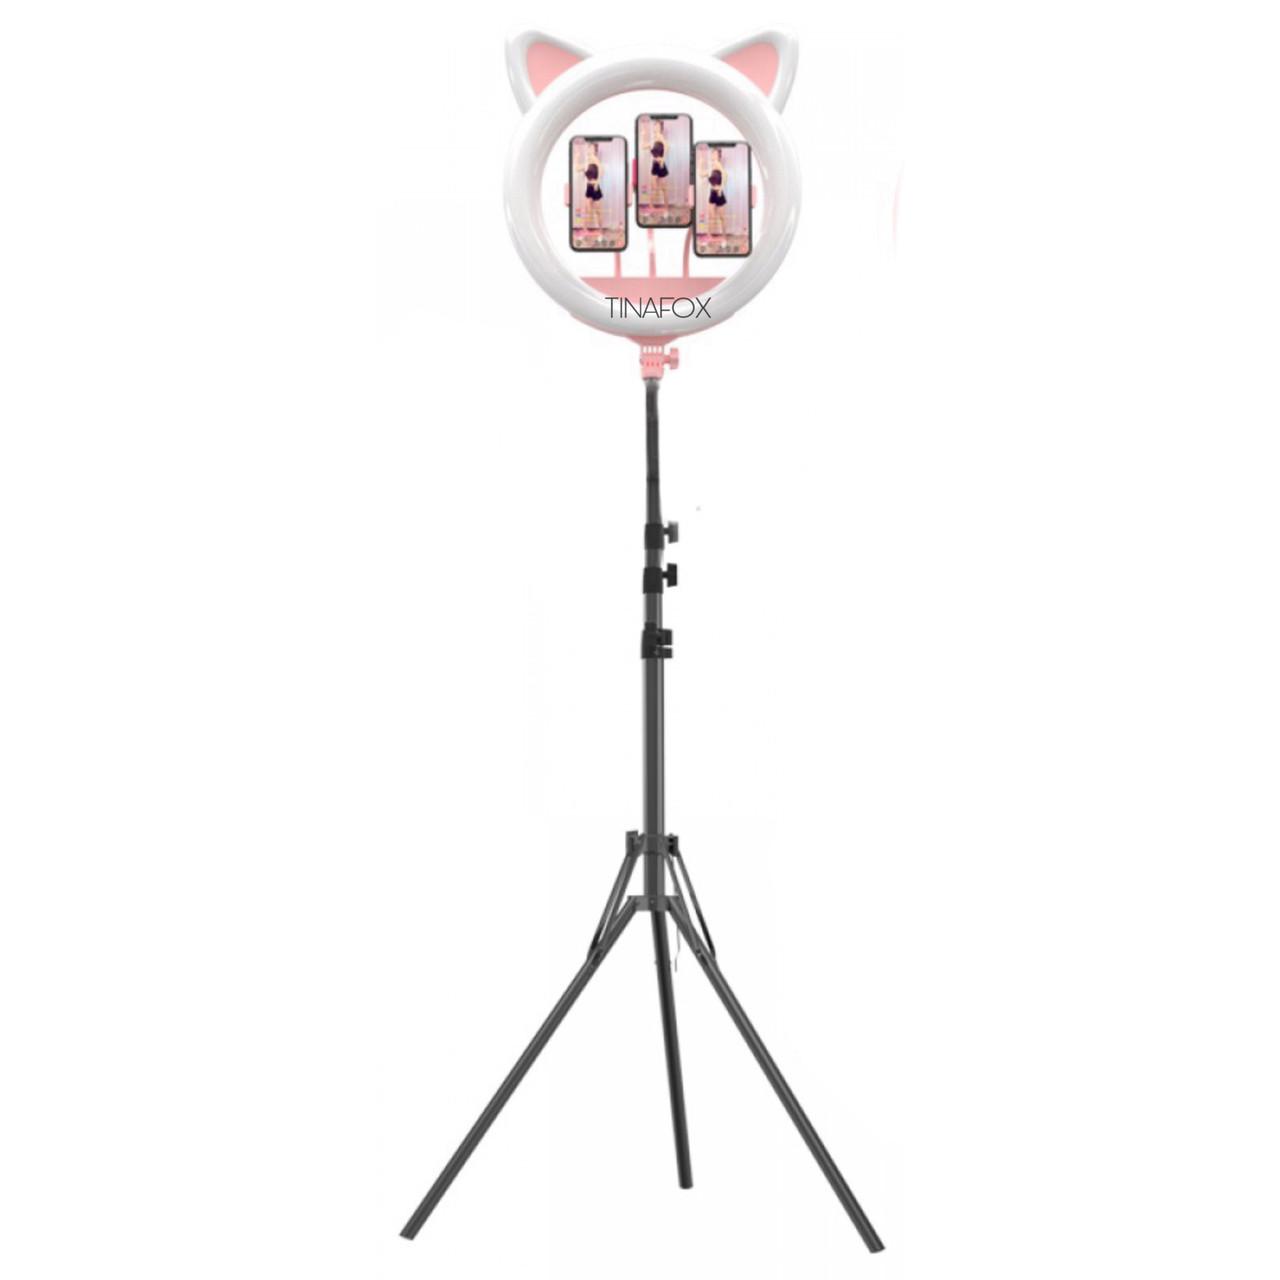 Лампа кольцевая напольная для съемки с штатив-треногой  RK-45